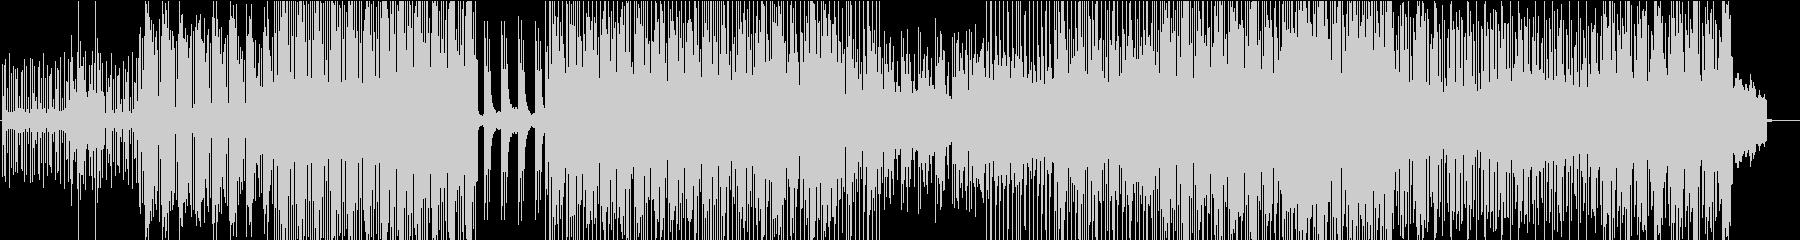 相反した音が混ざったテクノの未再生の波形